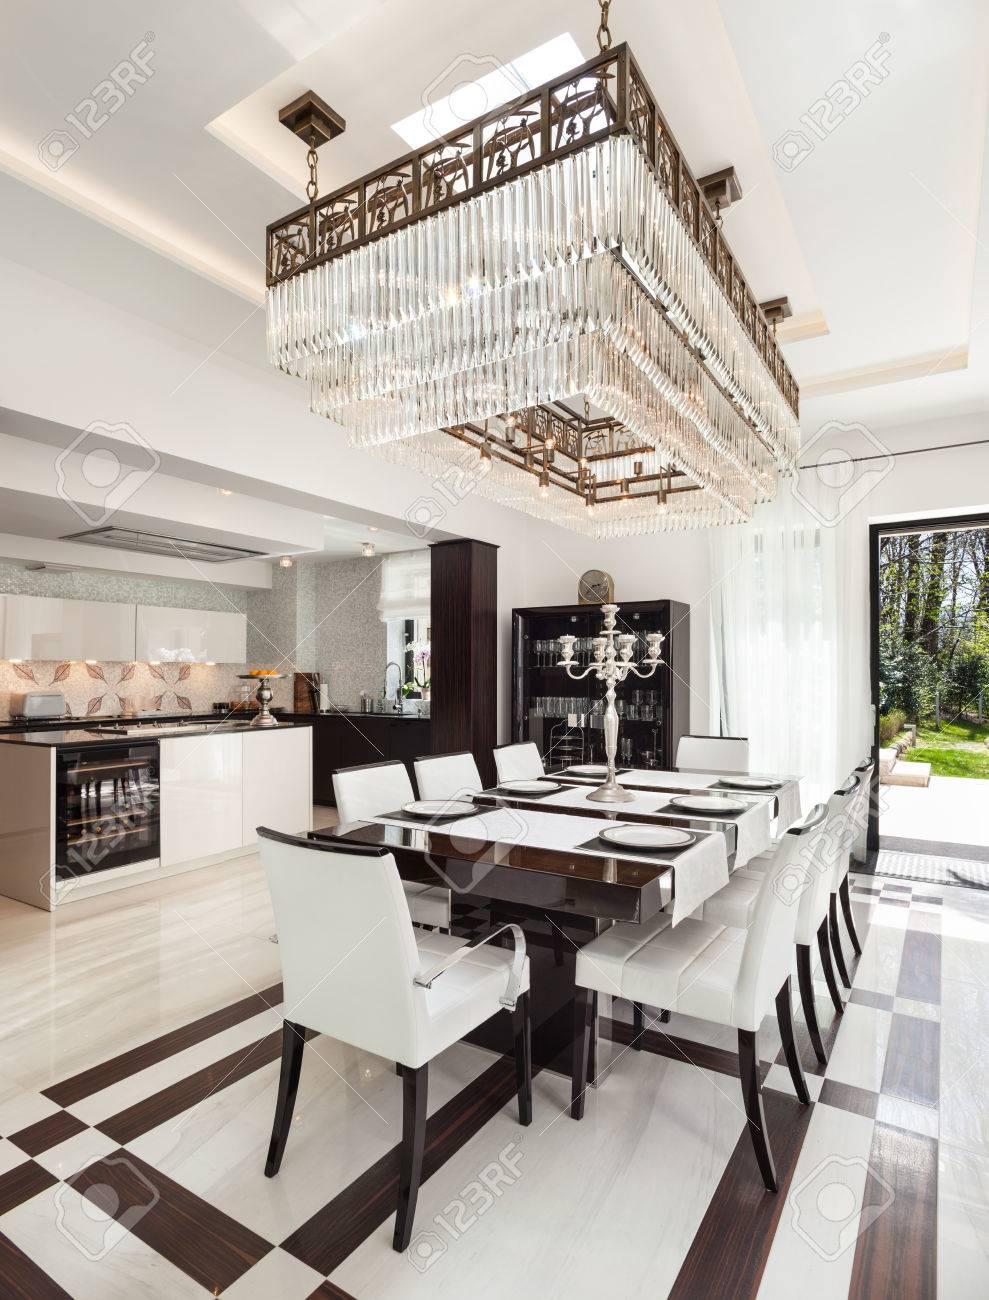 Schöne Esszimmer | Architektur Modernes Haus Ein Schones Interieur Esszimmer